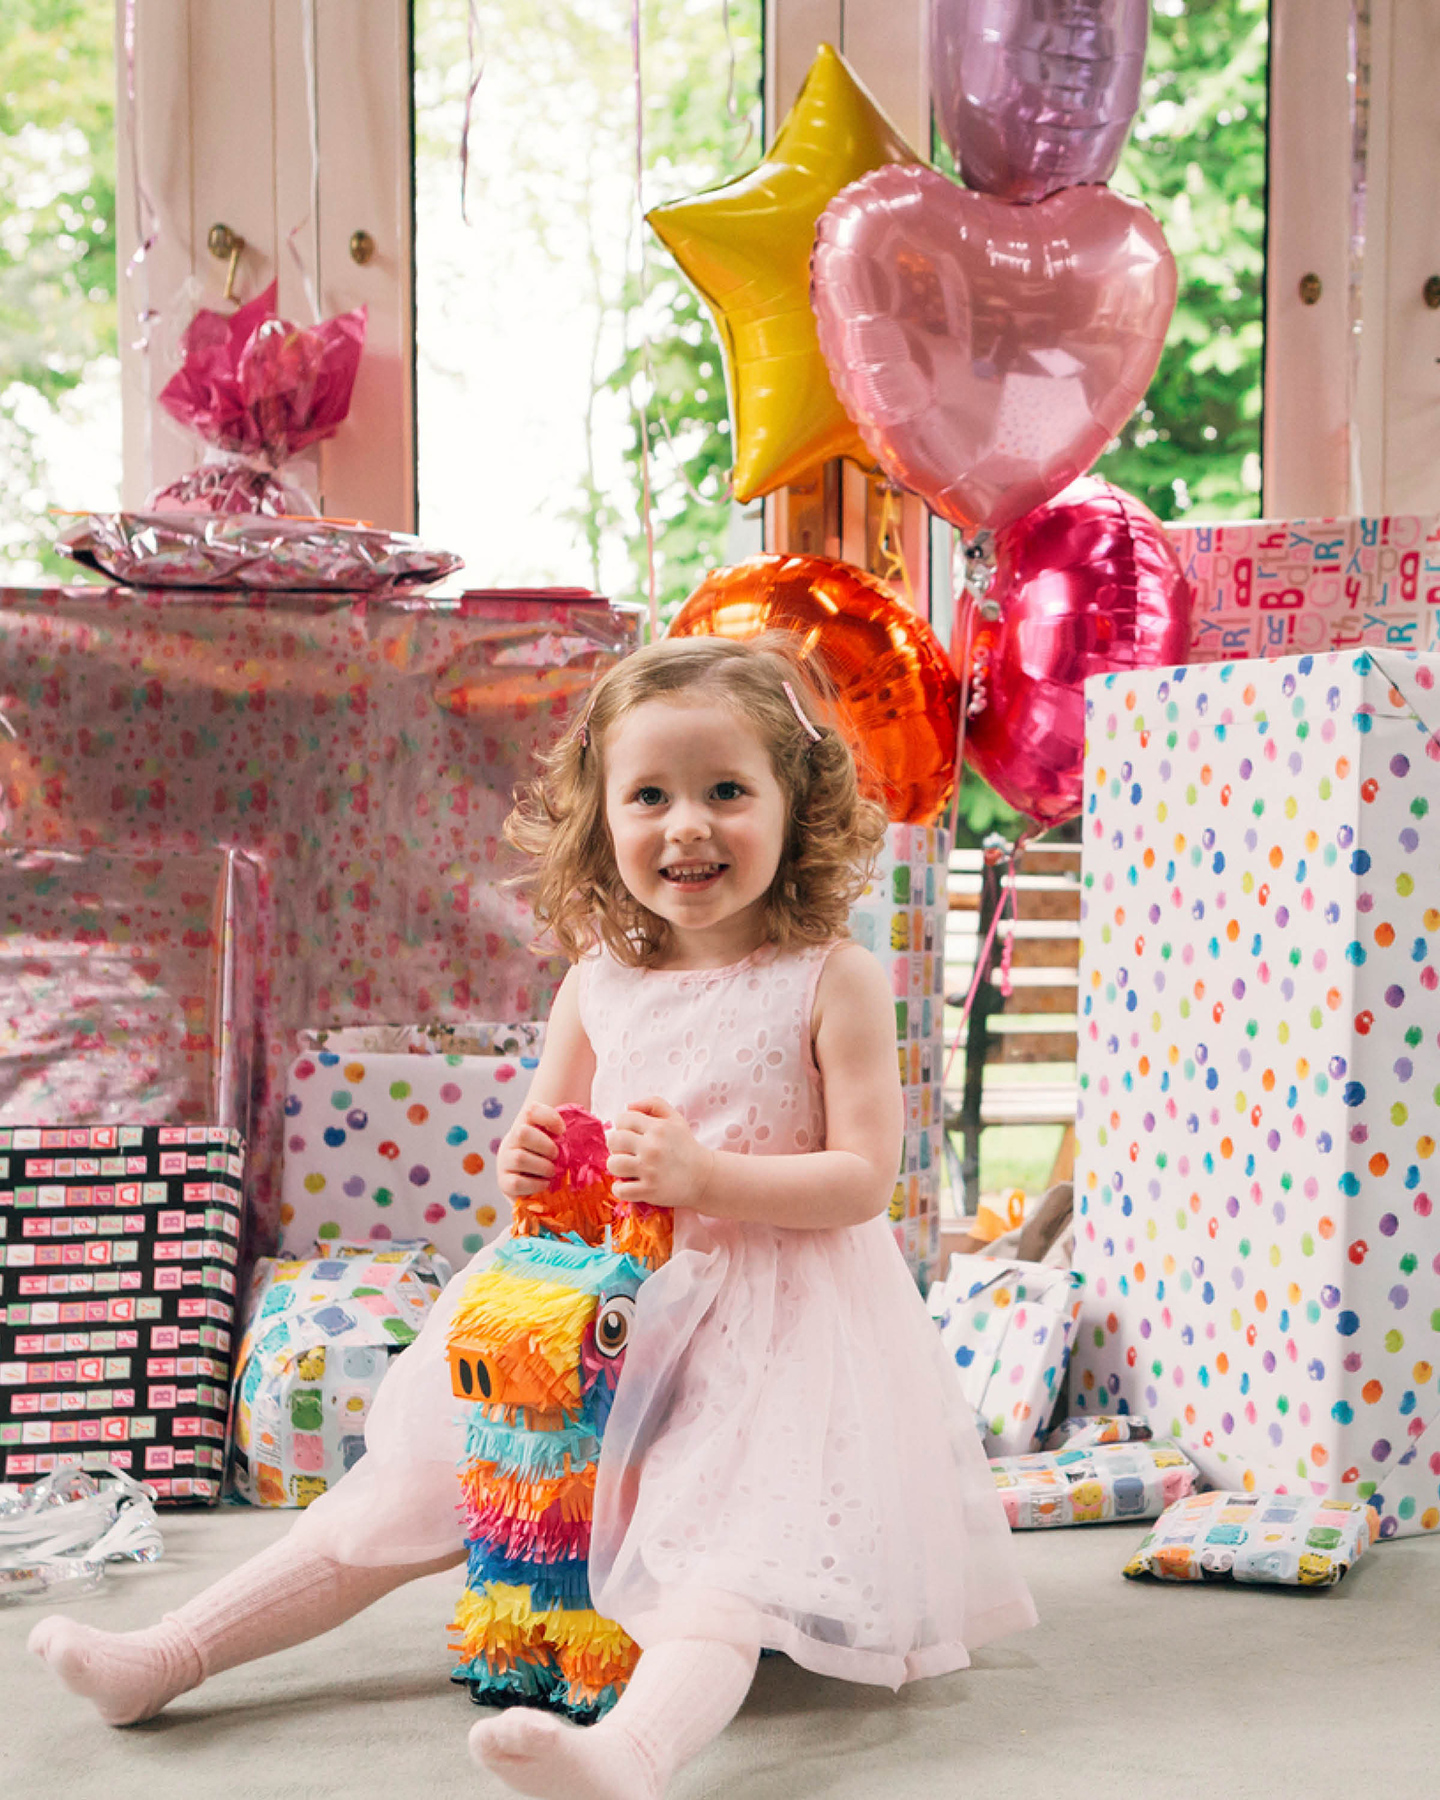 Mädchen in rosafarbenem Kleid sitzt vor einem großen Berg an Geburtstagsgeschenken. Helium gefüllte Luftballons in Herz- und Sternform zieren die Geschenke.